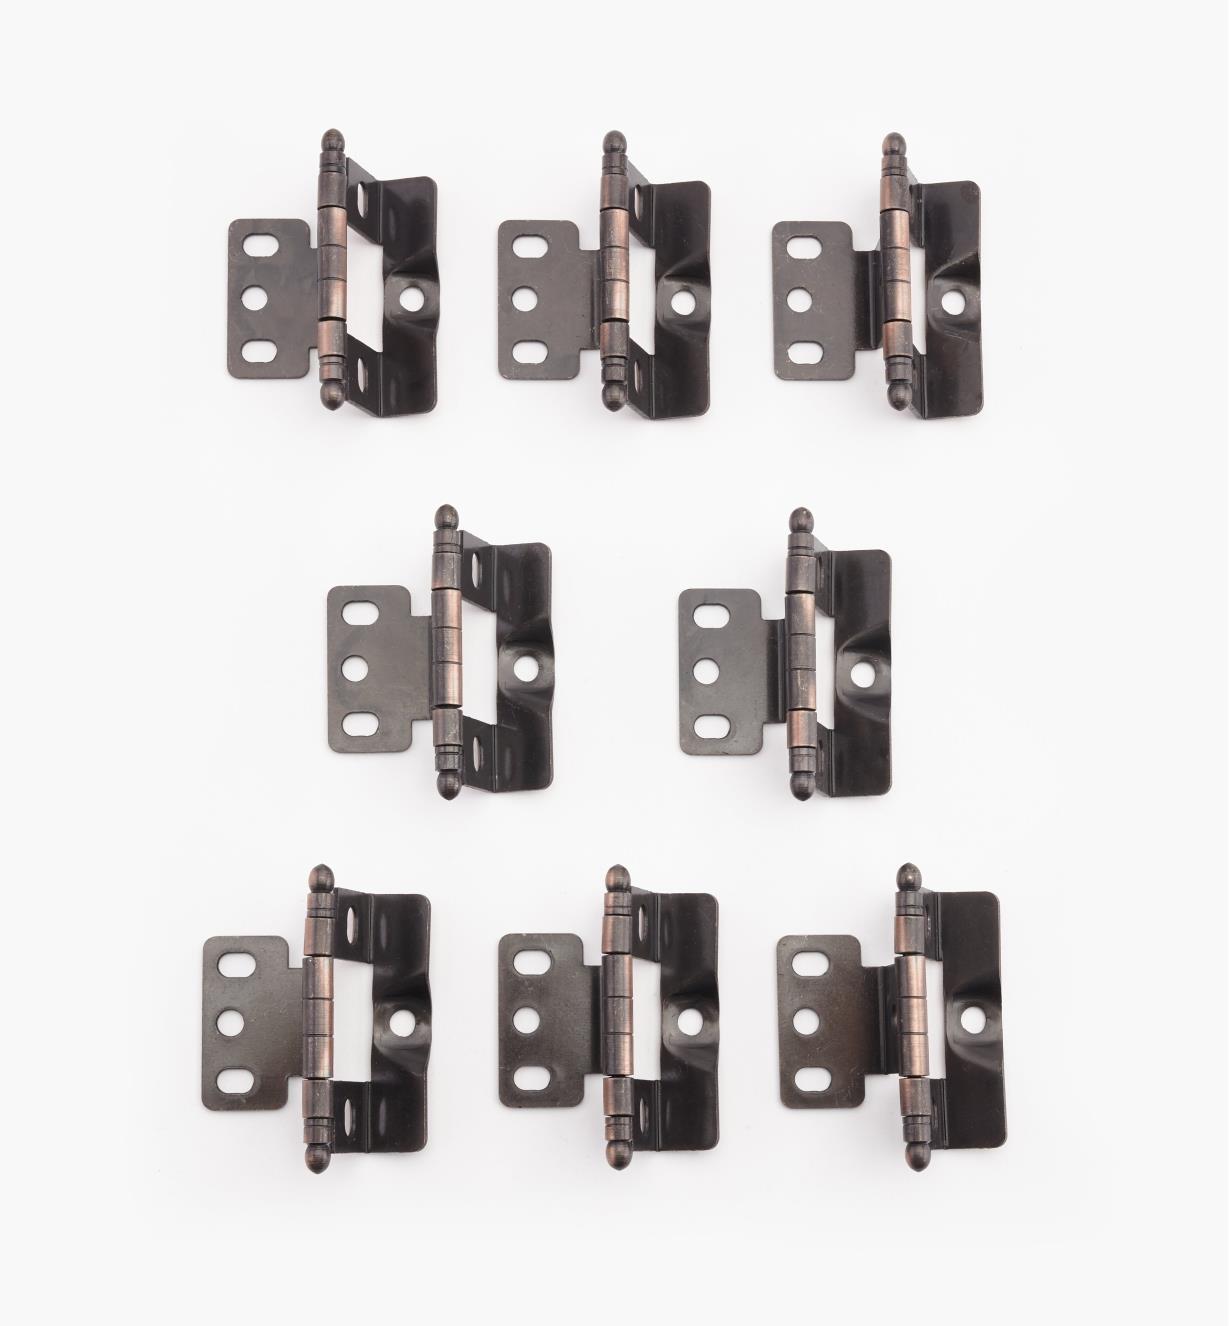 01H3094 - Charnières pour porte encastrée, meuble à cadre, embouts ronds, bronze huilé, lelotde8